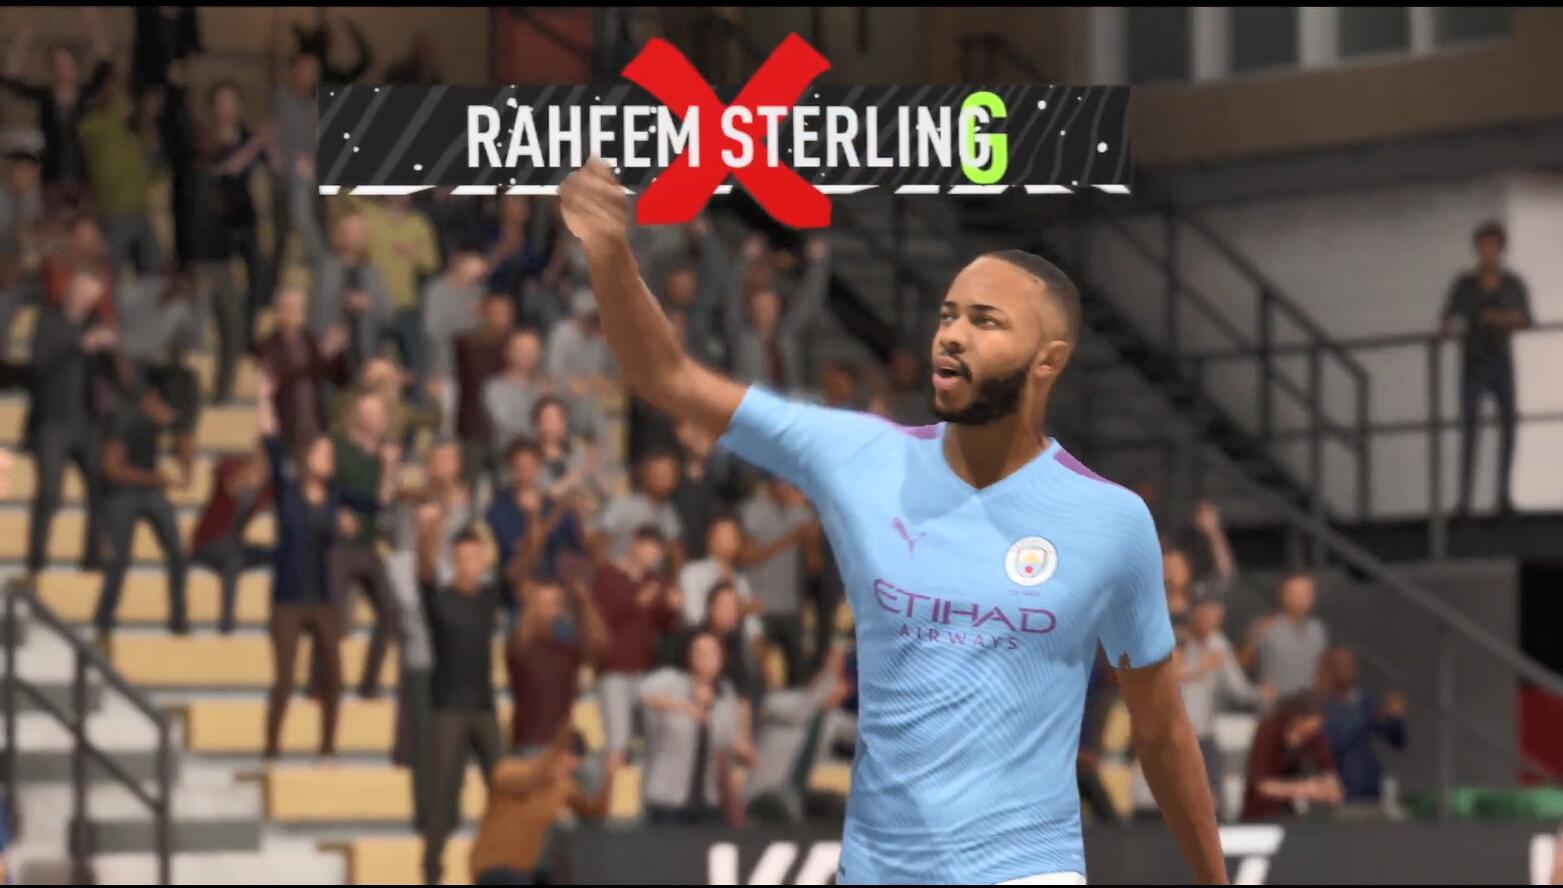 《FIFA 20》街球模式宣传片 环球炫技谱写野球王史诗